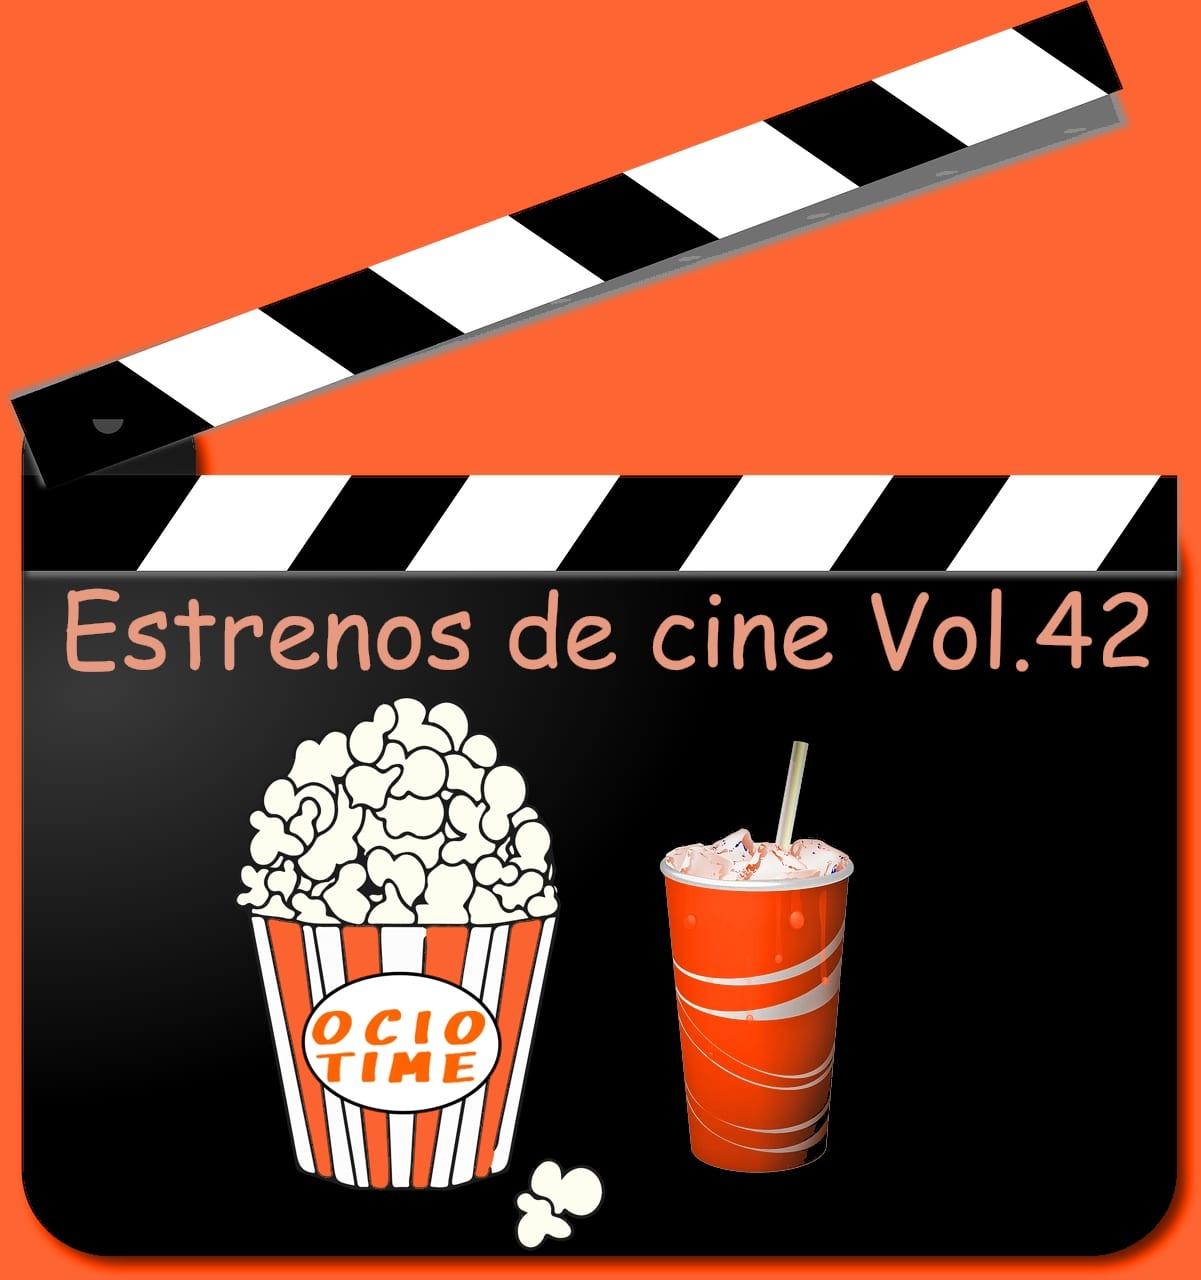 Estrenos de cine Vol.42